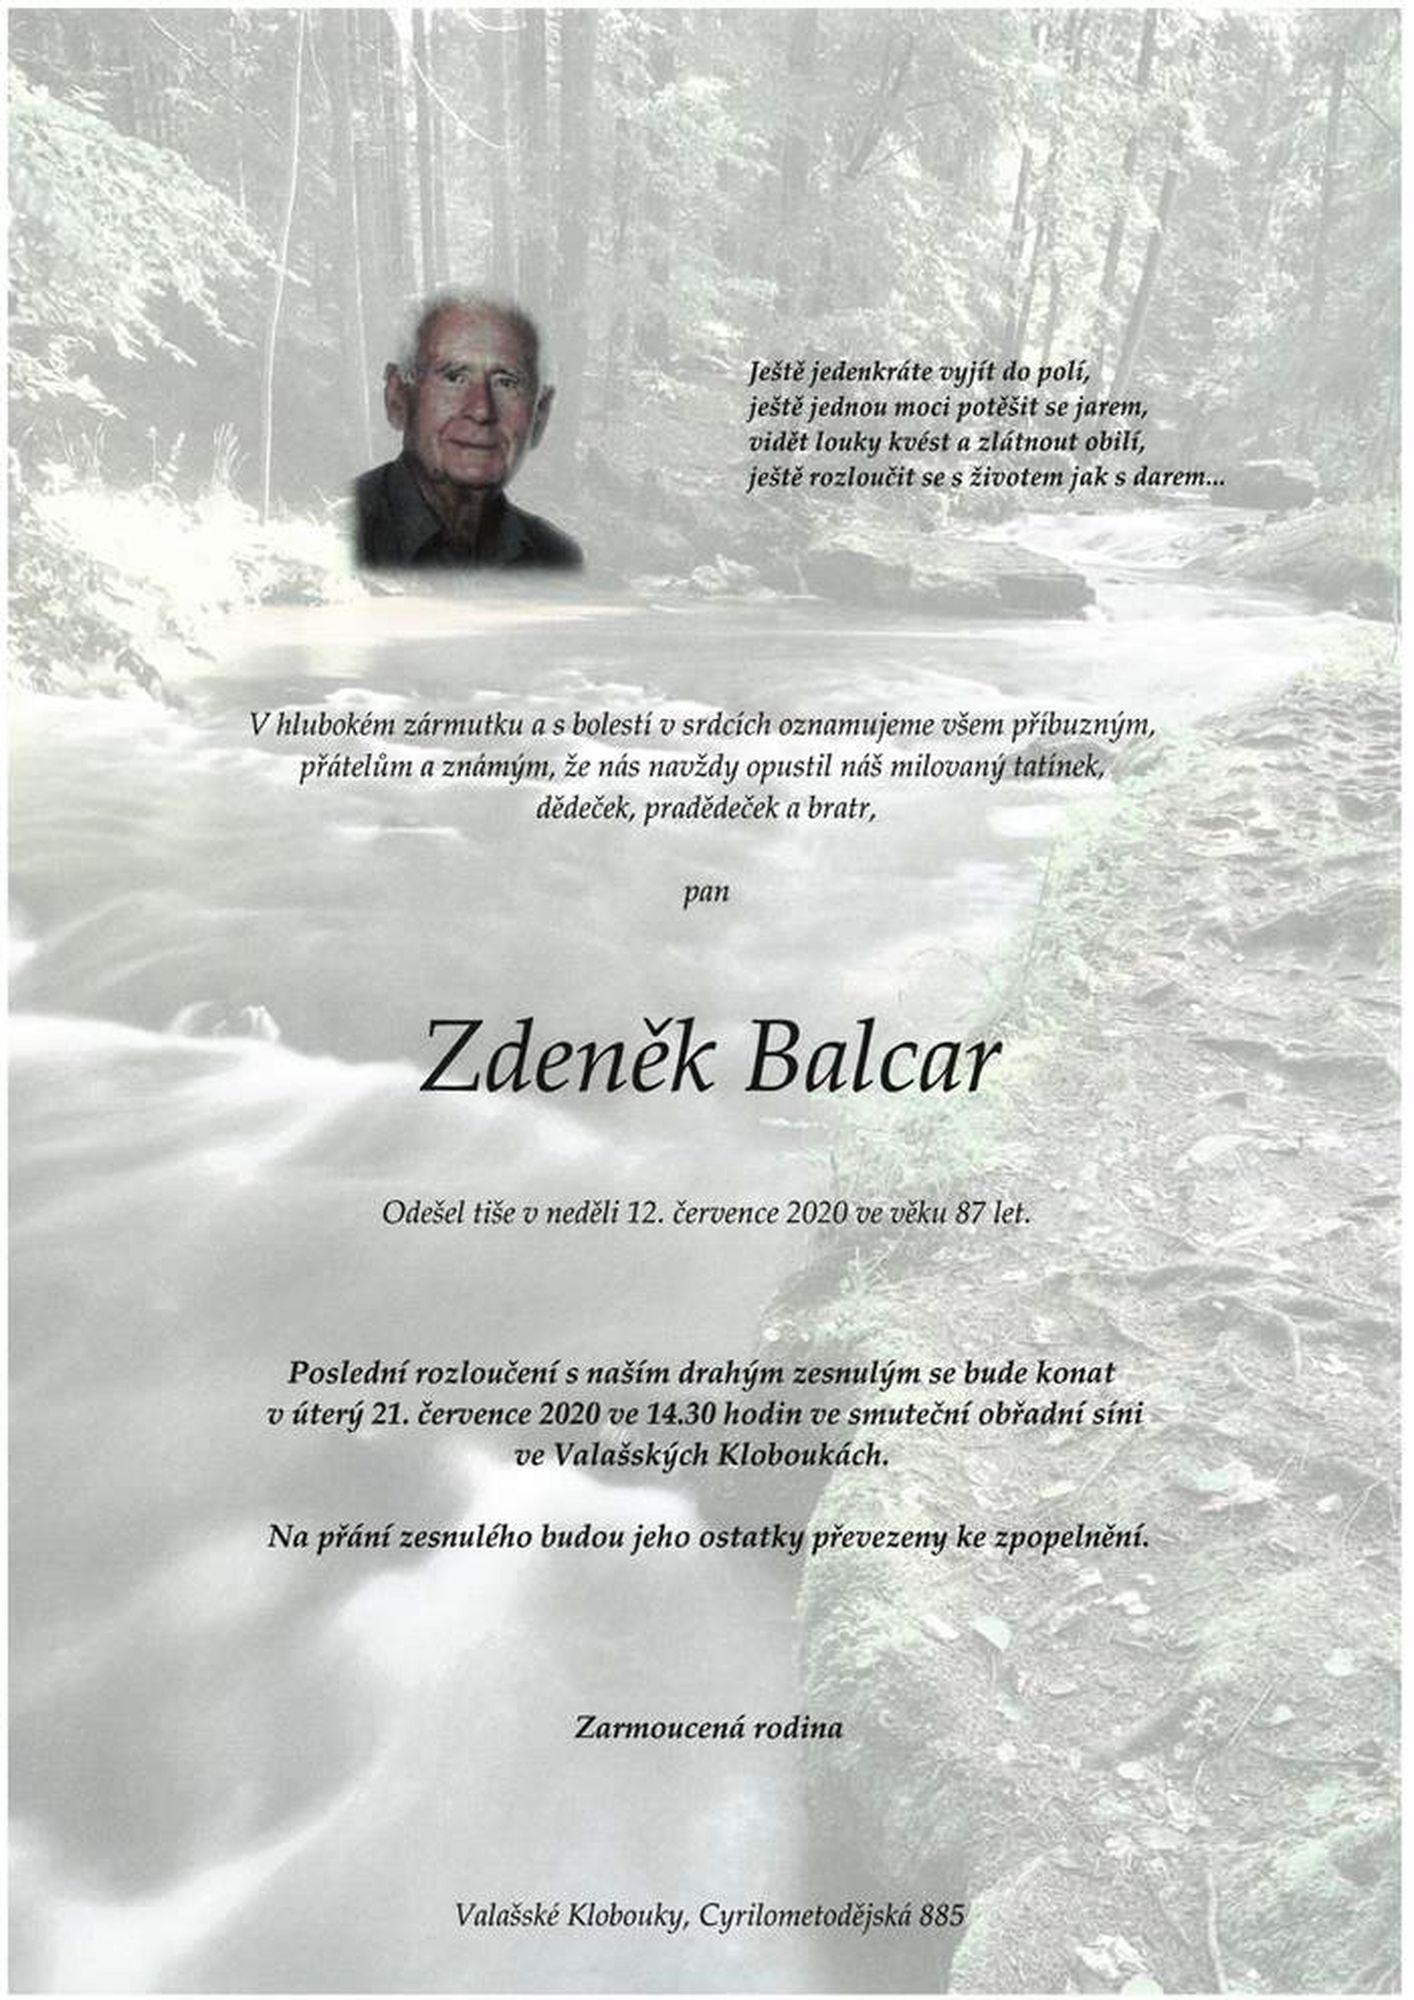 Zdeněk Balcar